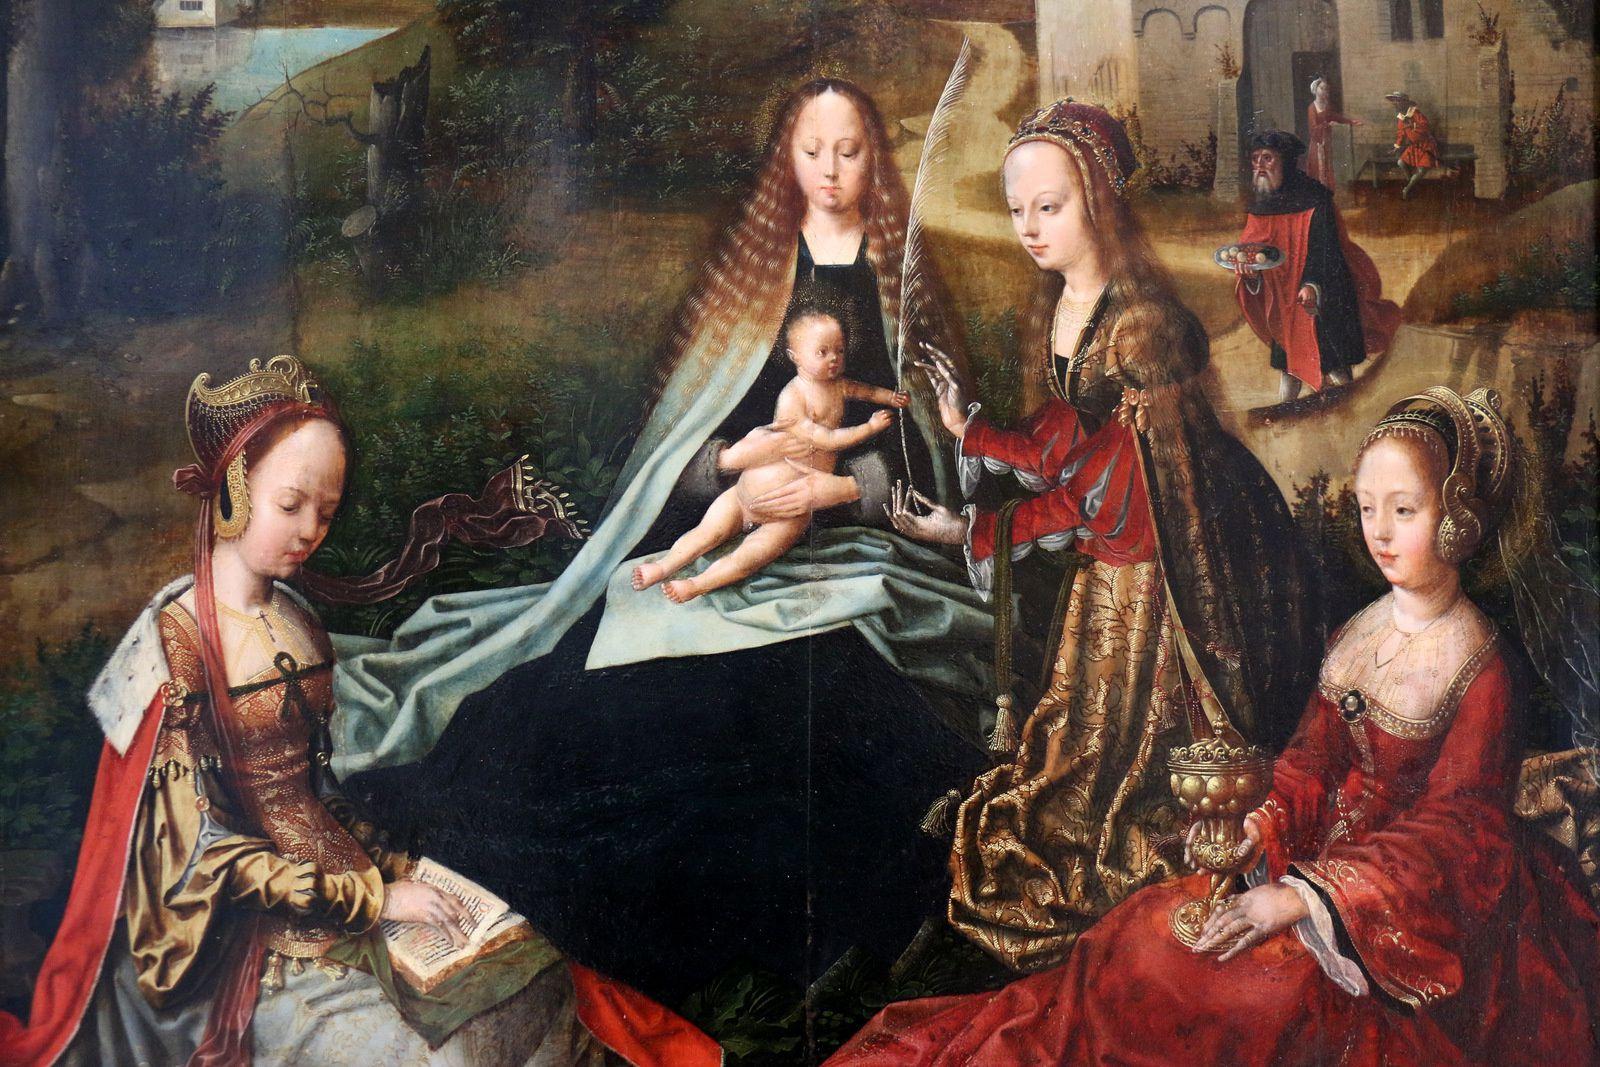 La Vierge et l'Enfant ...,  musée des Beaux-Arts de Caen